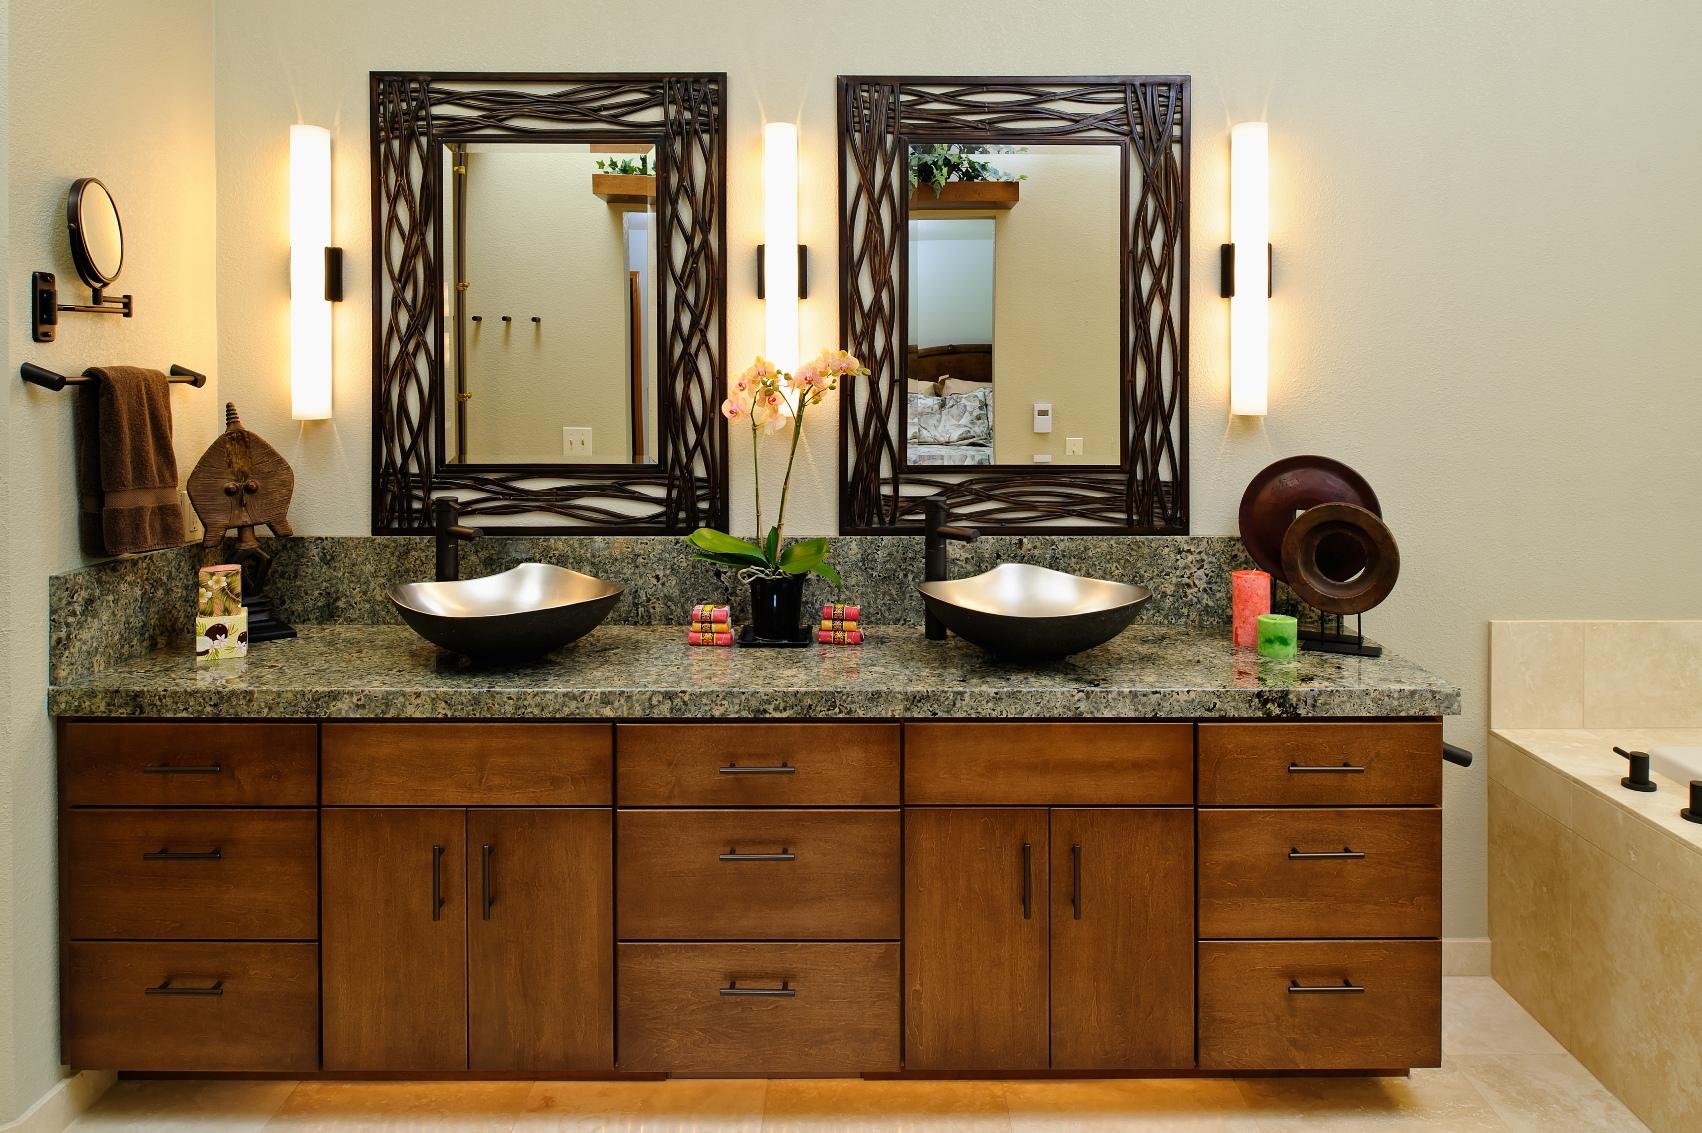 Asian bathroom vanity